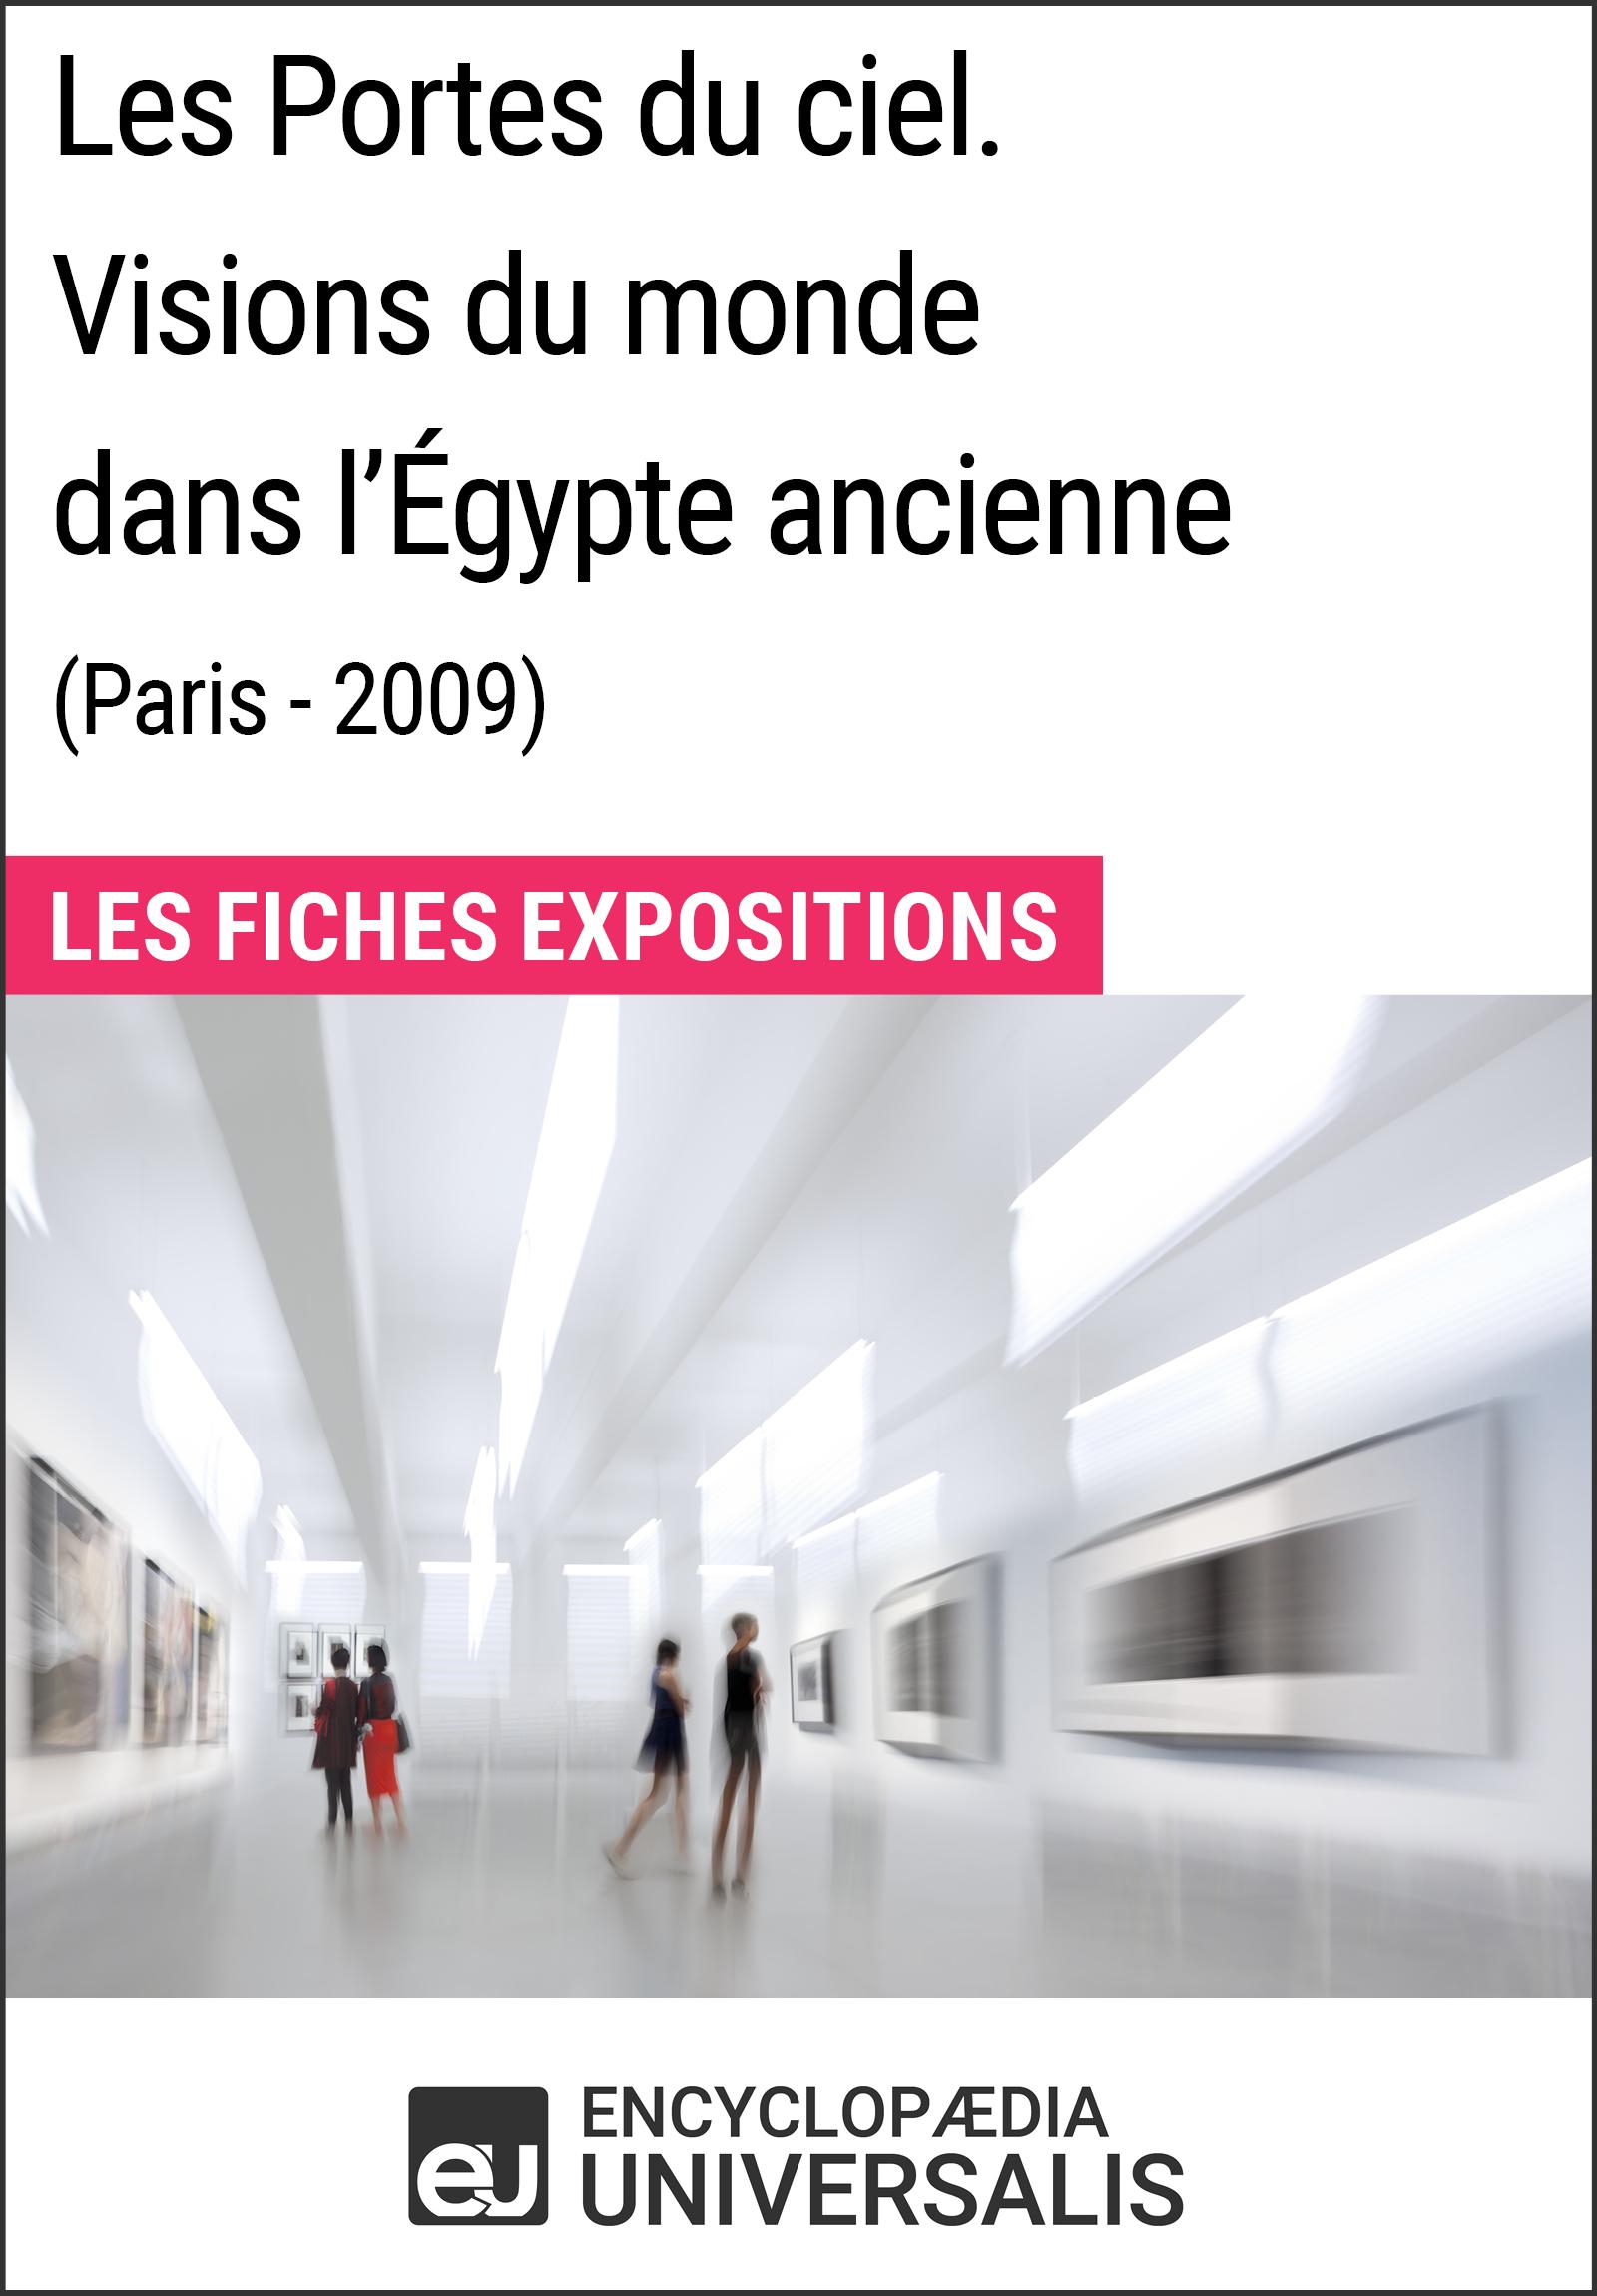 Les Portes du ciel. Visions du monde dans l'Égypte ancienne (Paris - 2009)